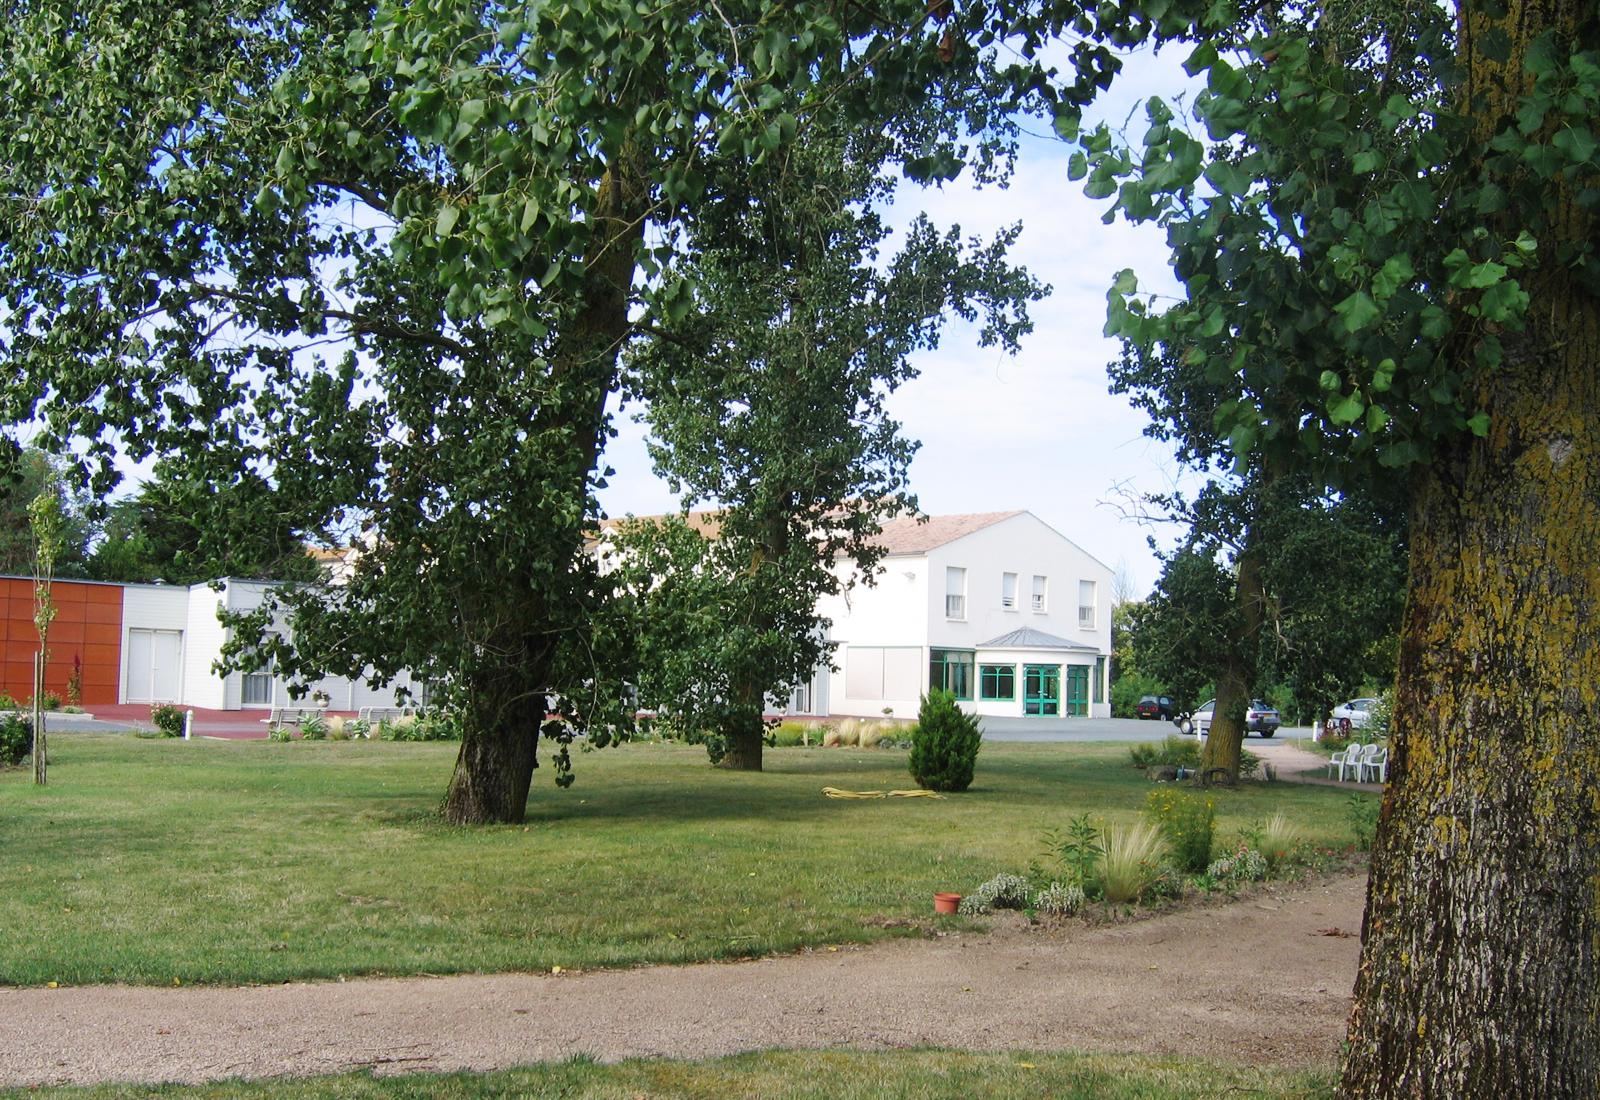 1600 - Le parc